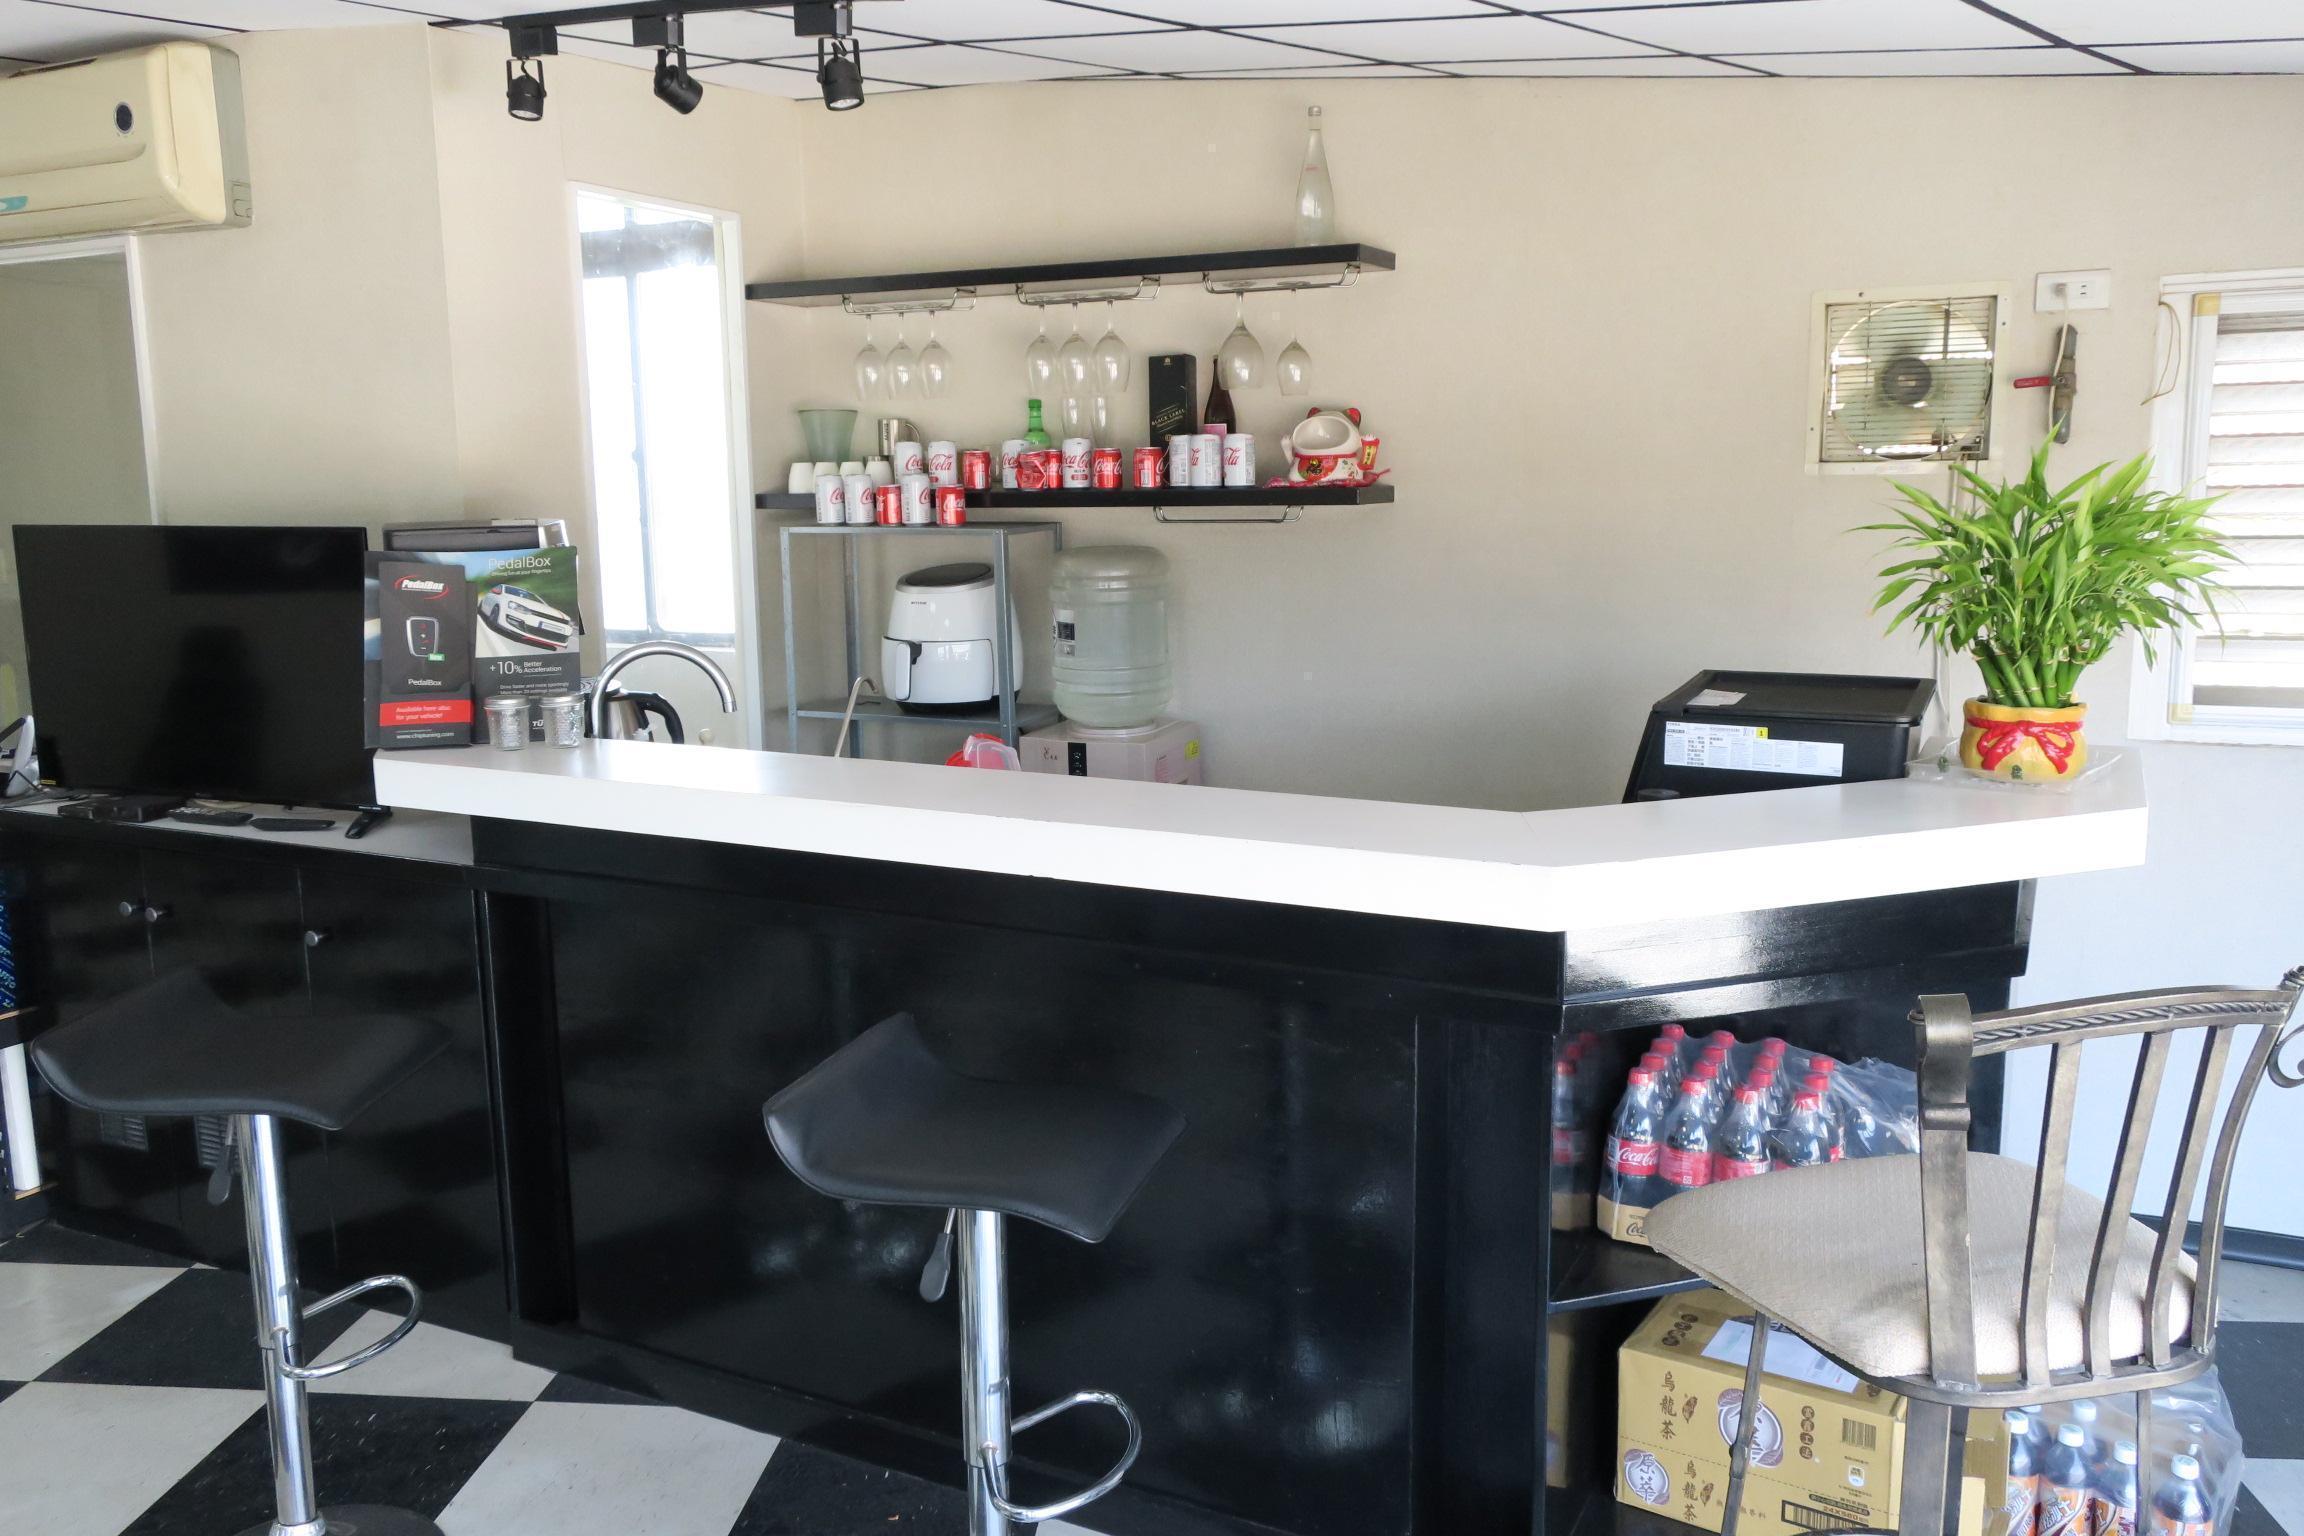 邁仕特國際汽車二樓休息區備有吧檯,提供可樂等冷飲與香濃咖啡喔。